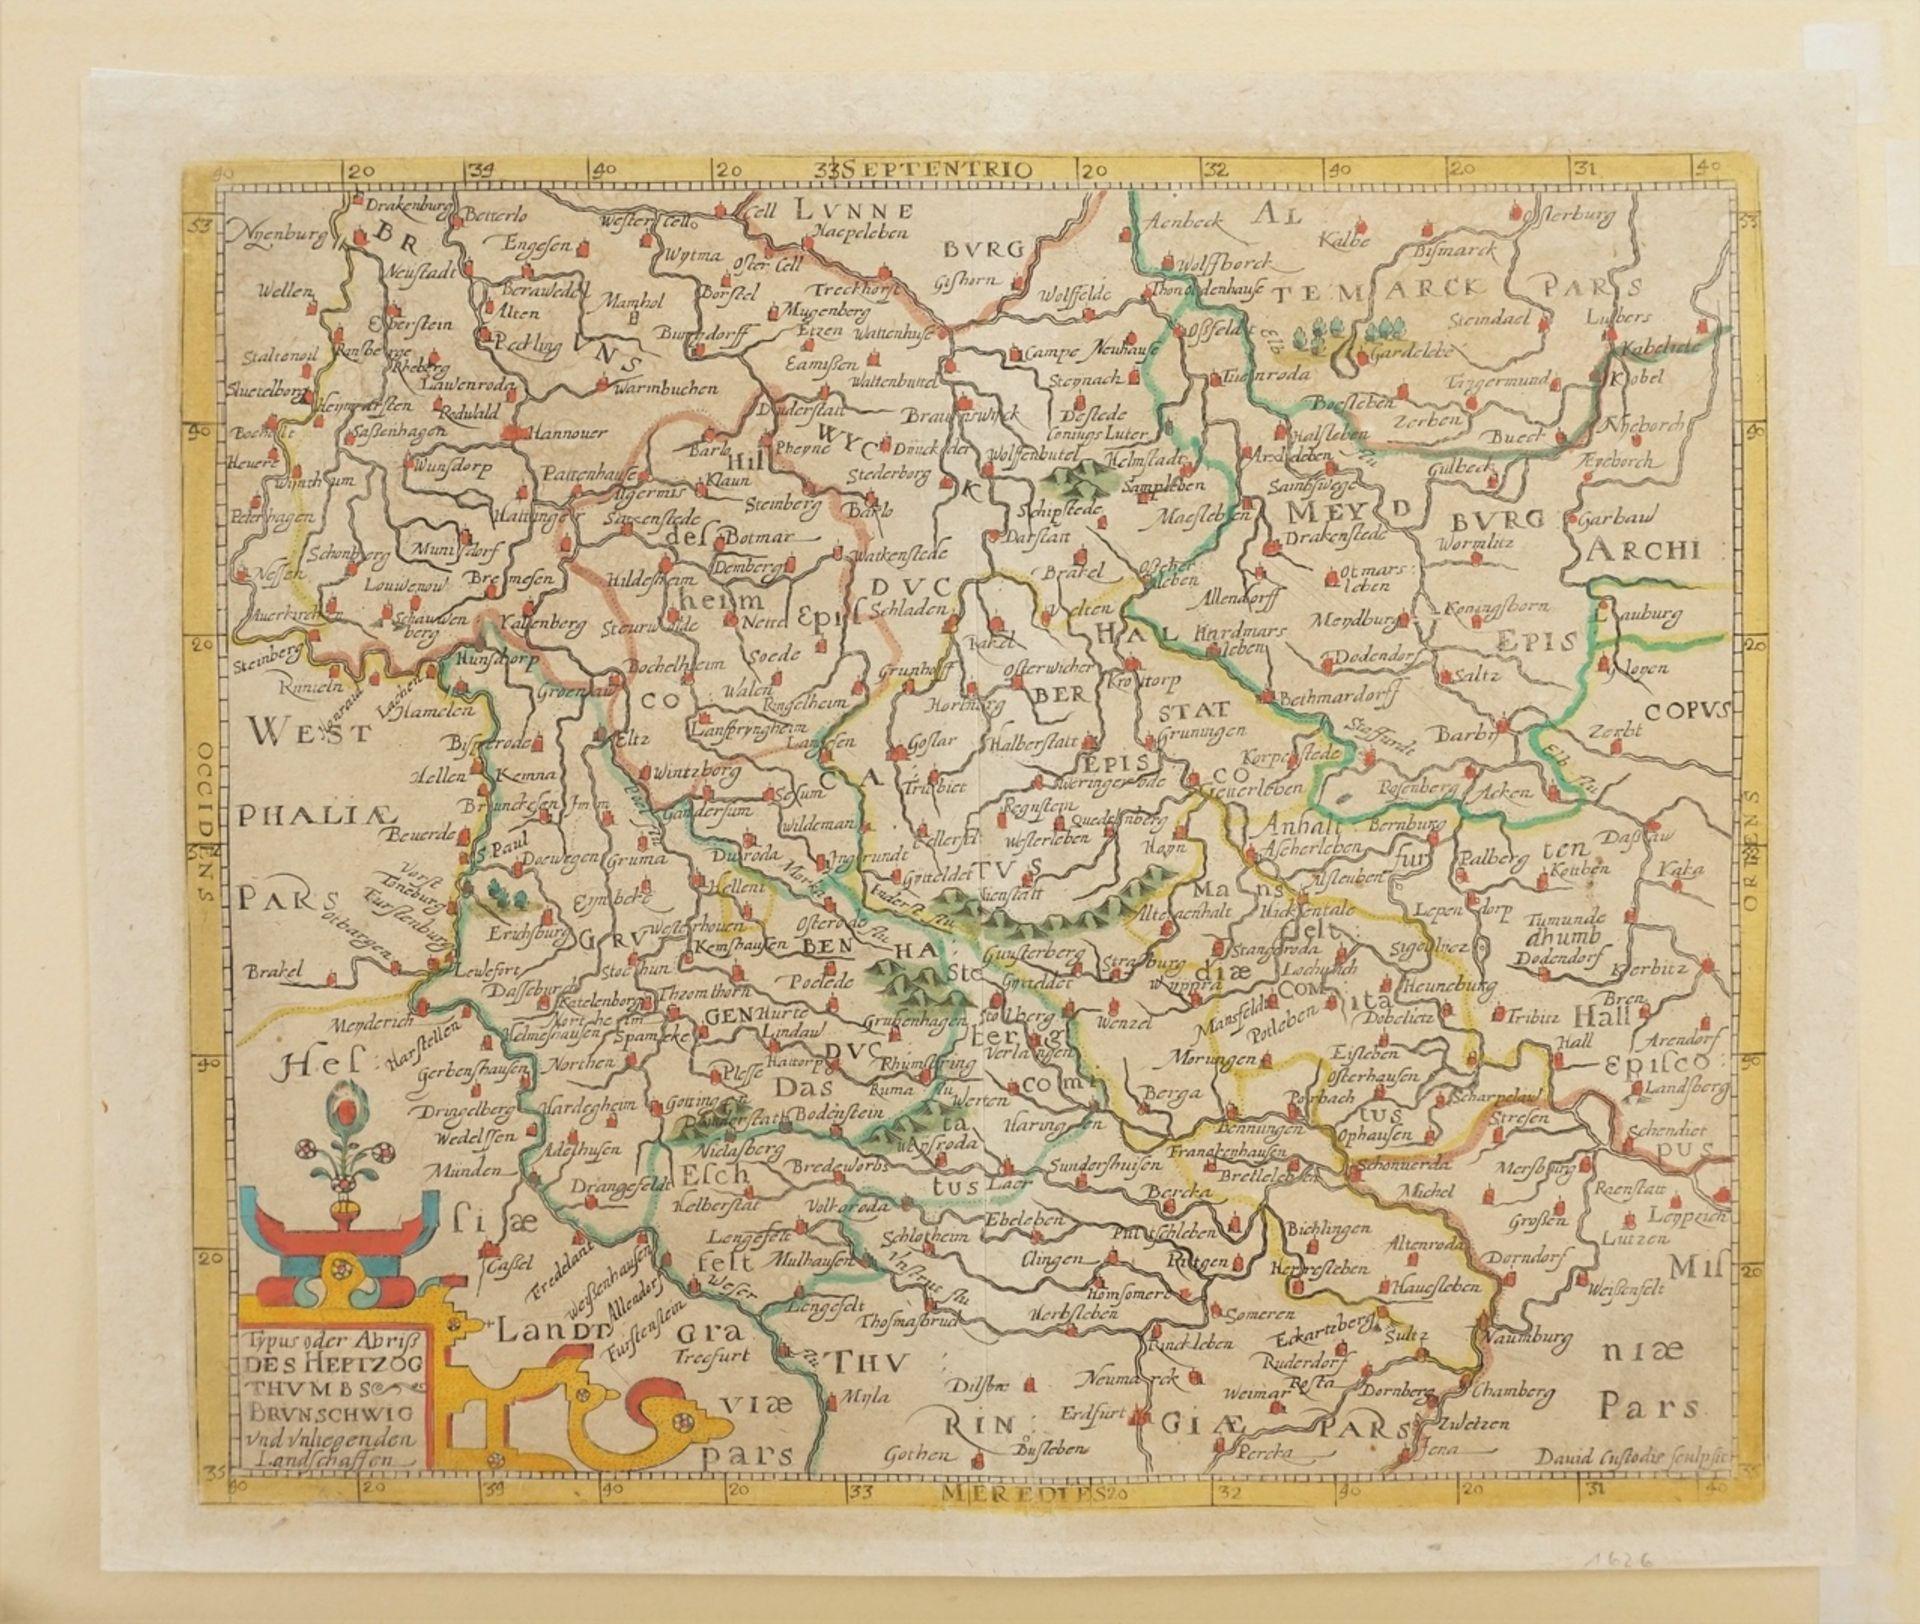 David Custos (Custodis), Landkarte des Herzogtums Braunschweig und umliegender Landschaften - Bild 3 aus 3